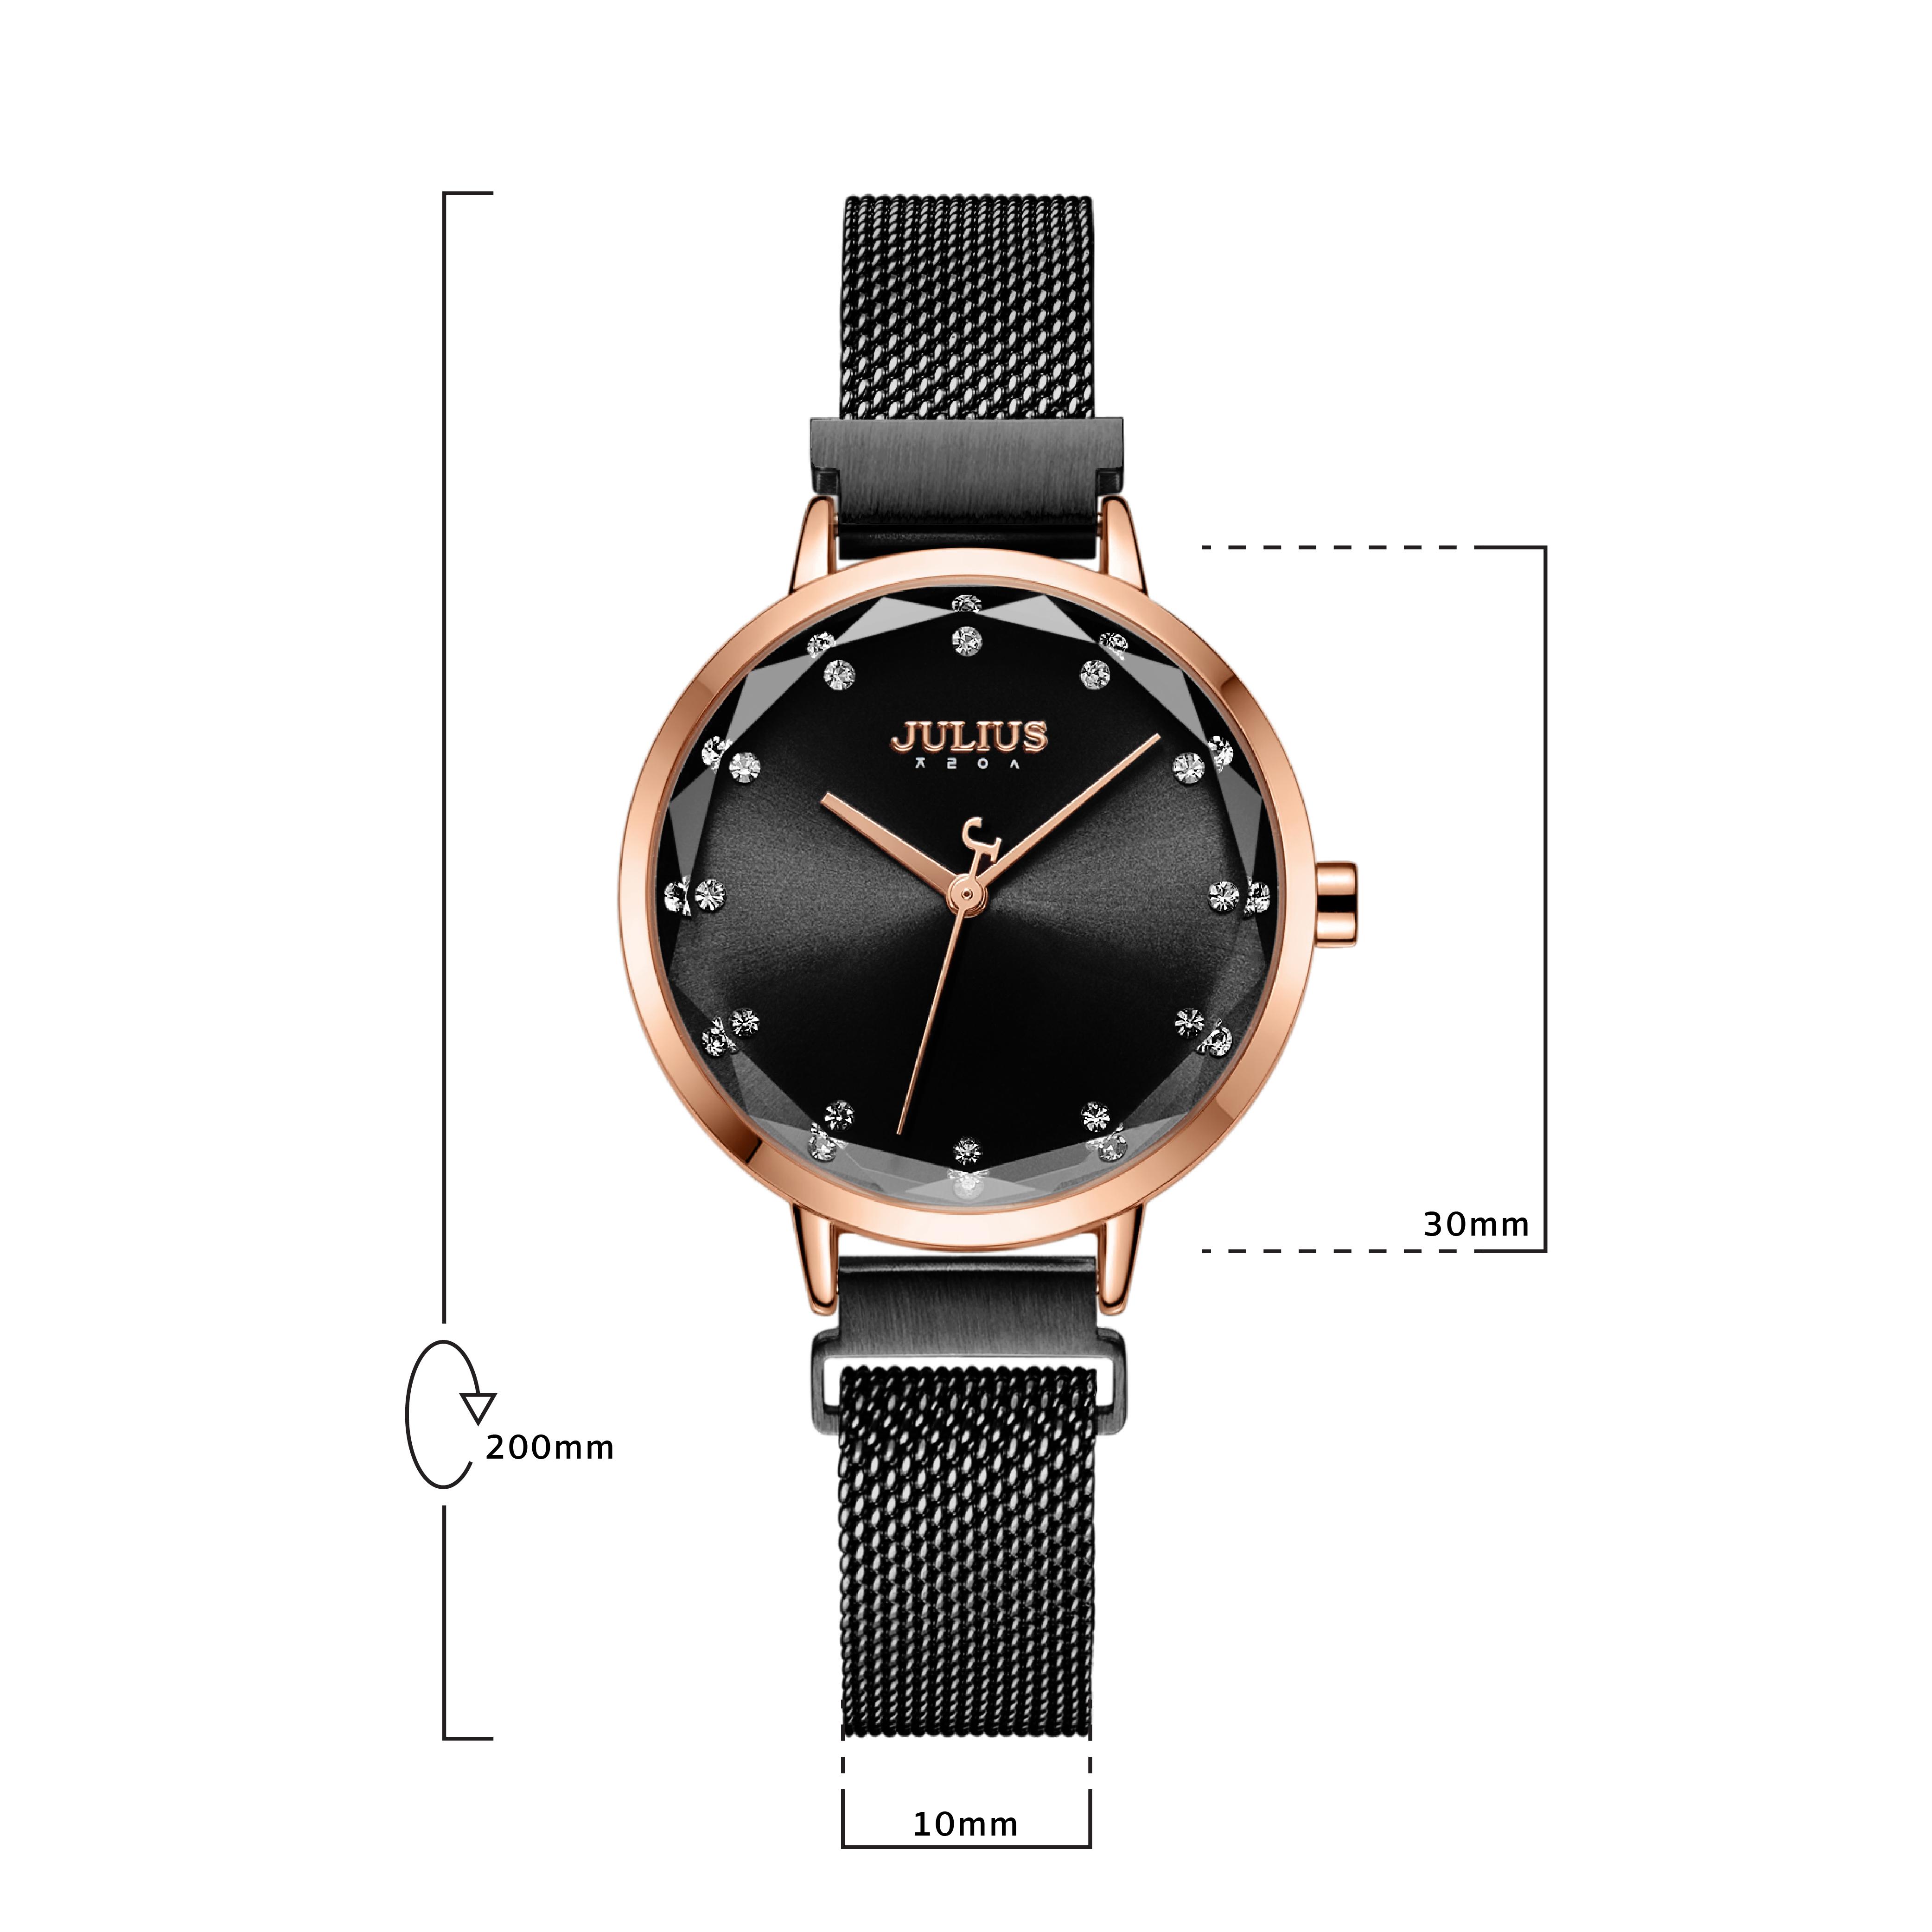 นาฬิกาข้อมือผู้หญิง JULIUS 1143E